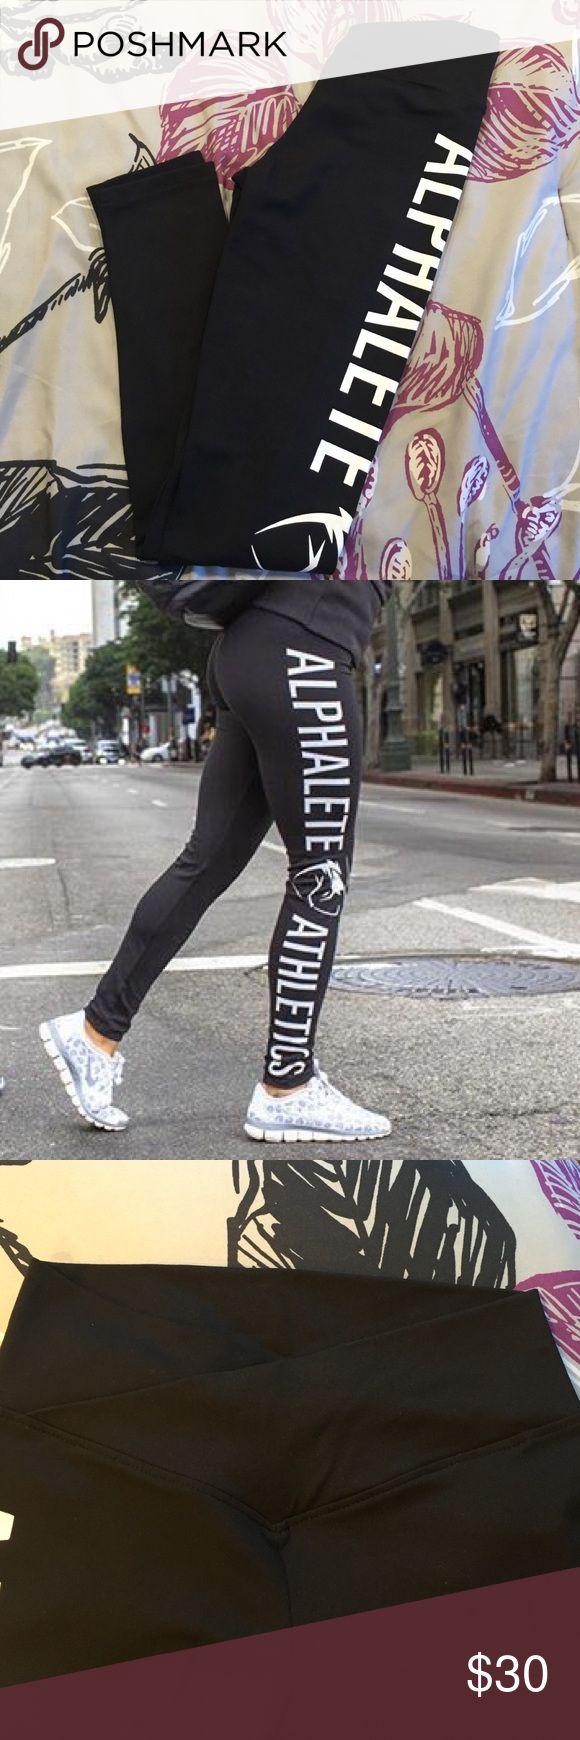 Alphalete Athletics Women's Leggings Alphalete Athletics Women's Black Leggings! NEVER WORN! SZ SMALL! V cut front. Alphalete written on side of leg. Alphalete Athletics Pants Leggings